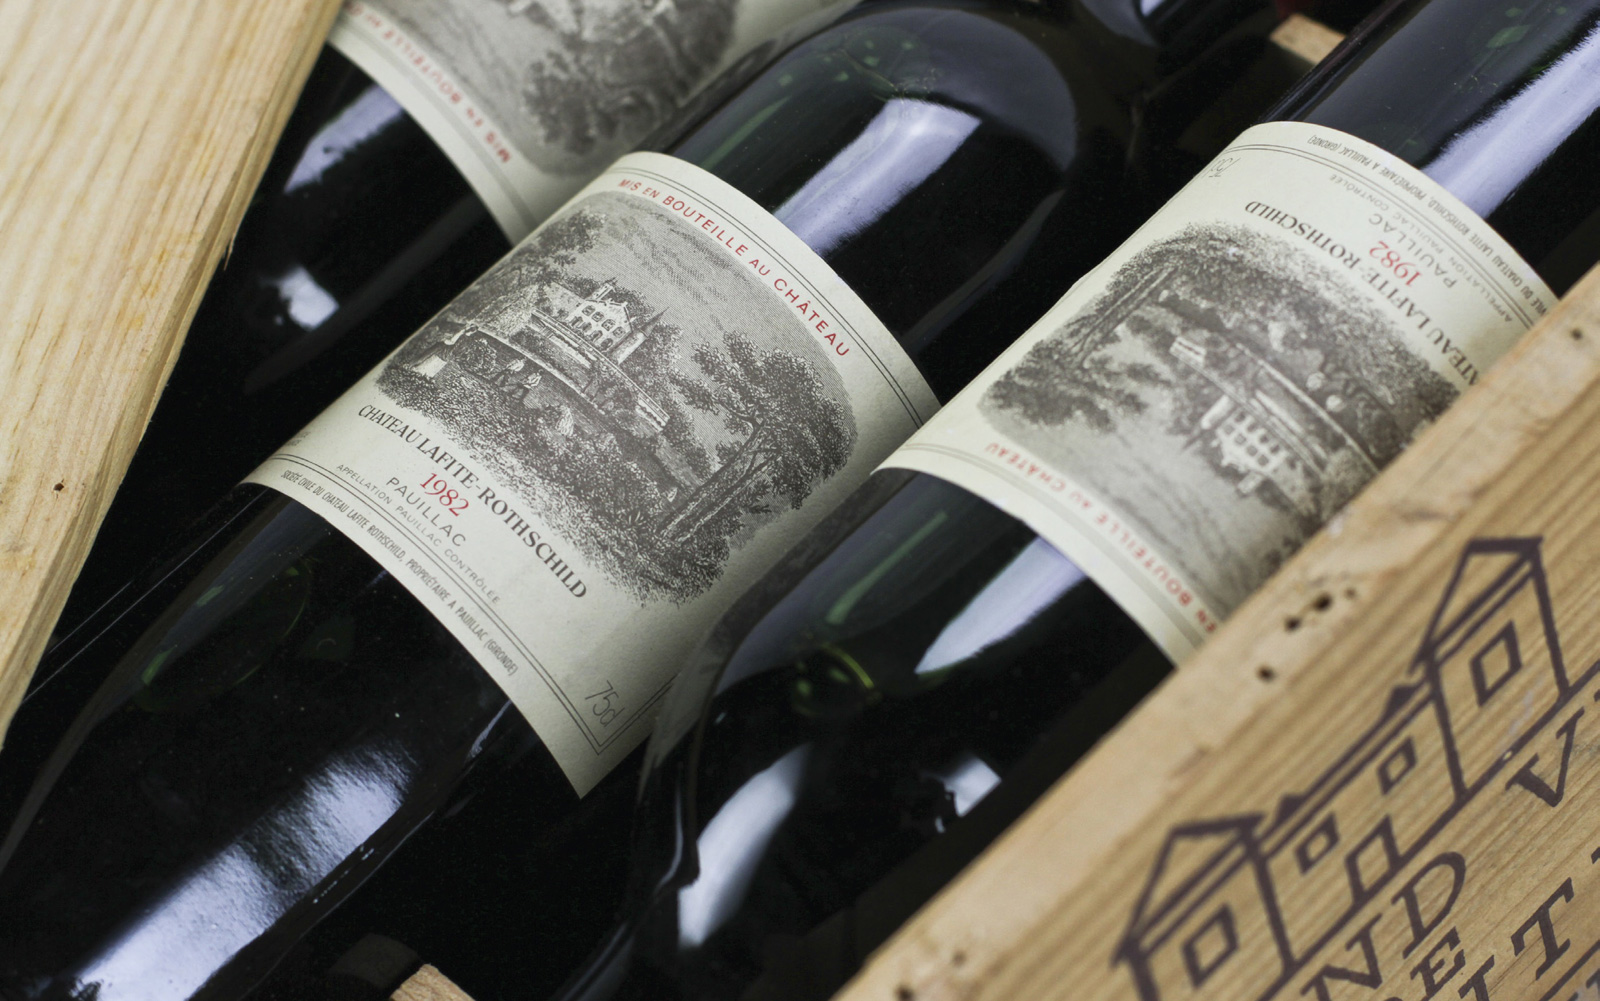 世界顶级葡萄酒的秘密配方,波尔多混酿魅力何在?